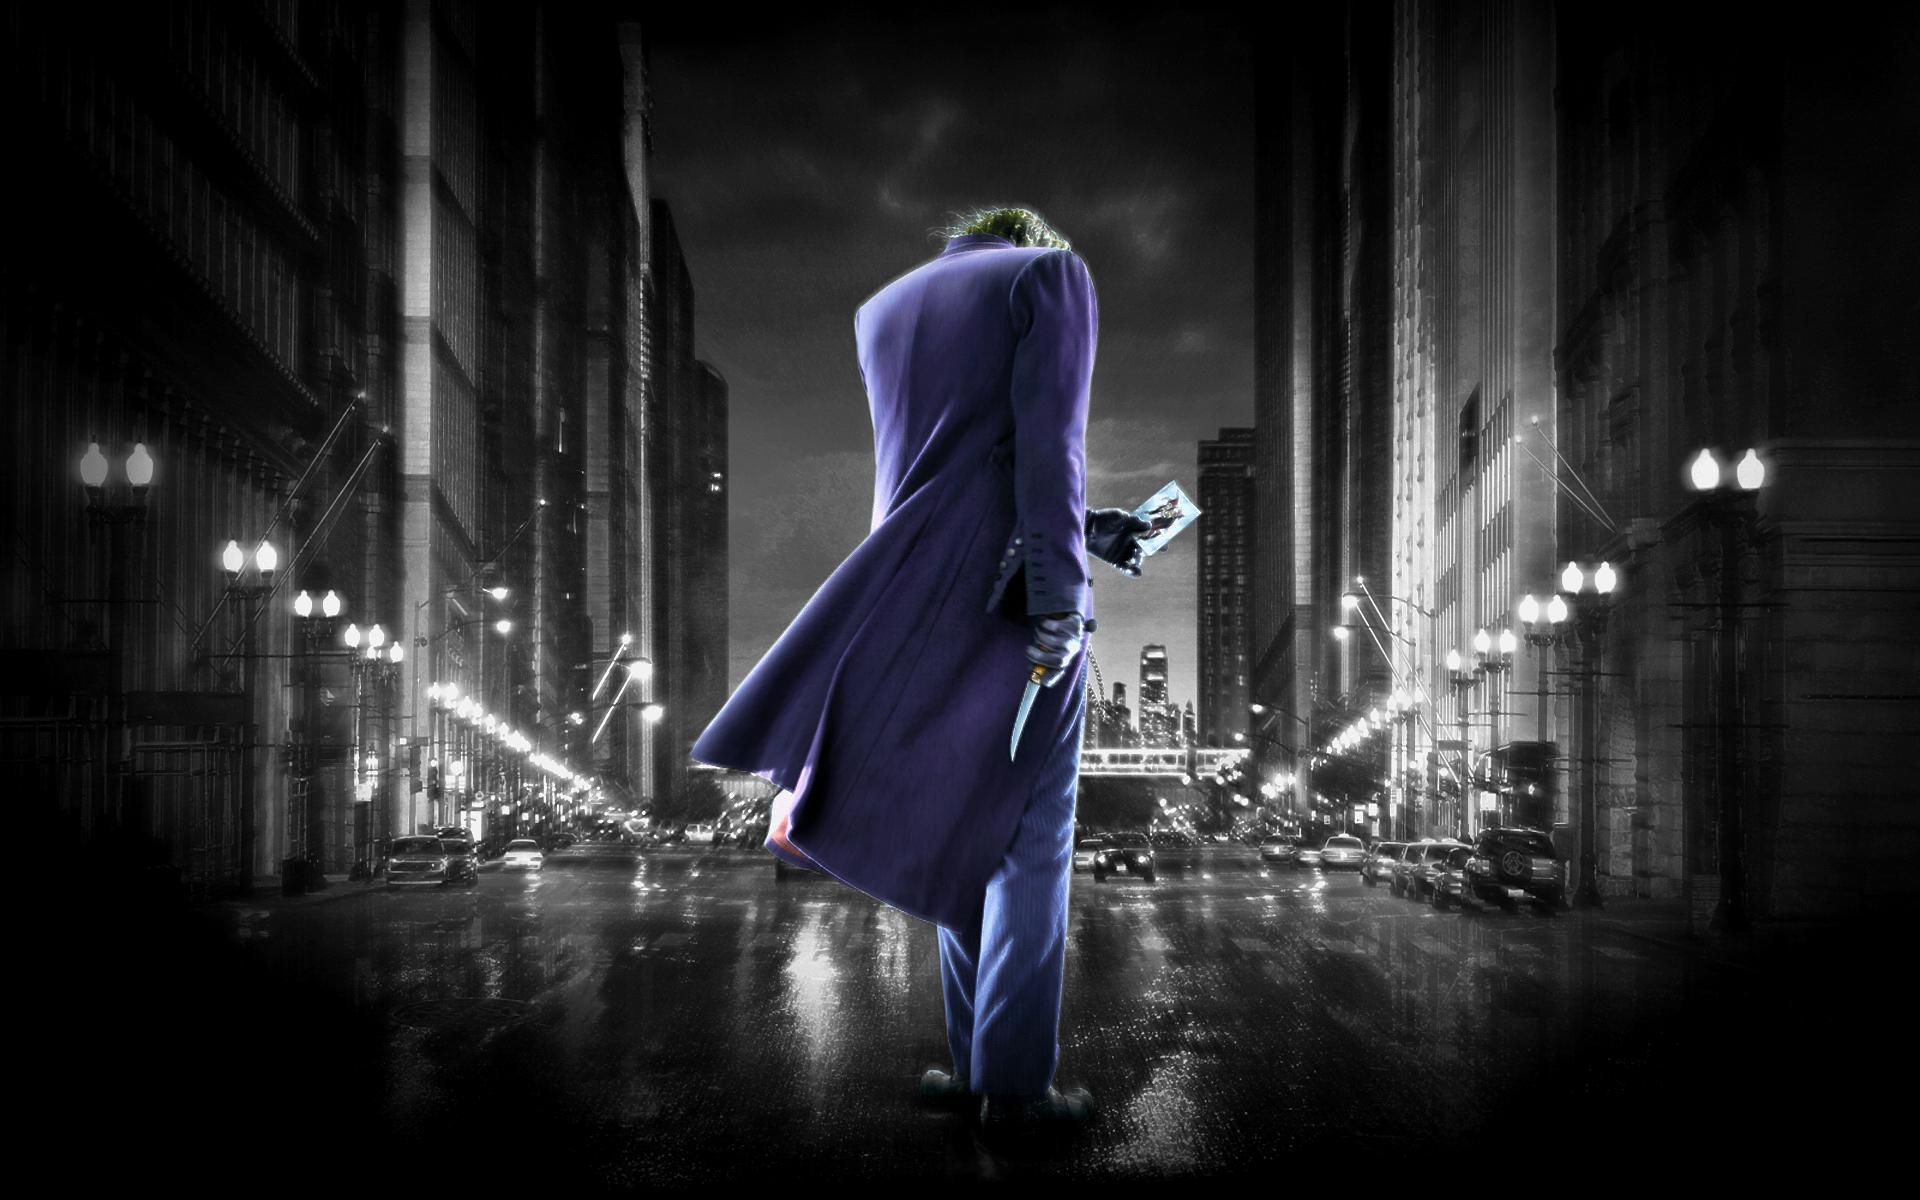 Joker HDTV